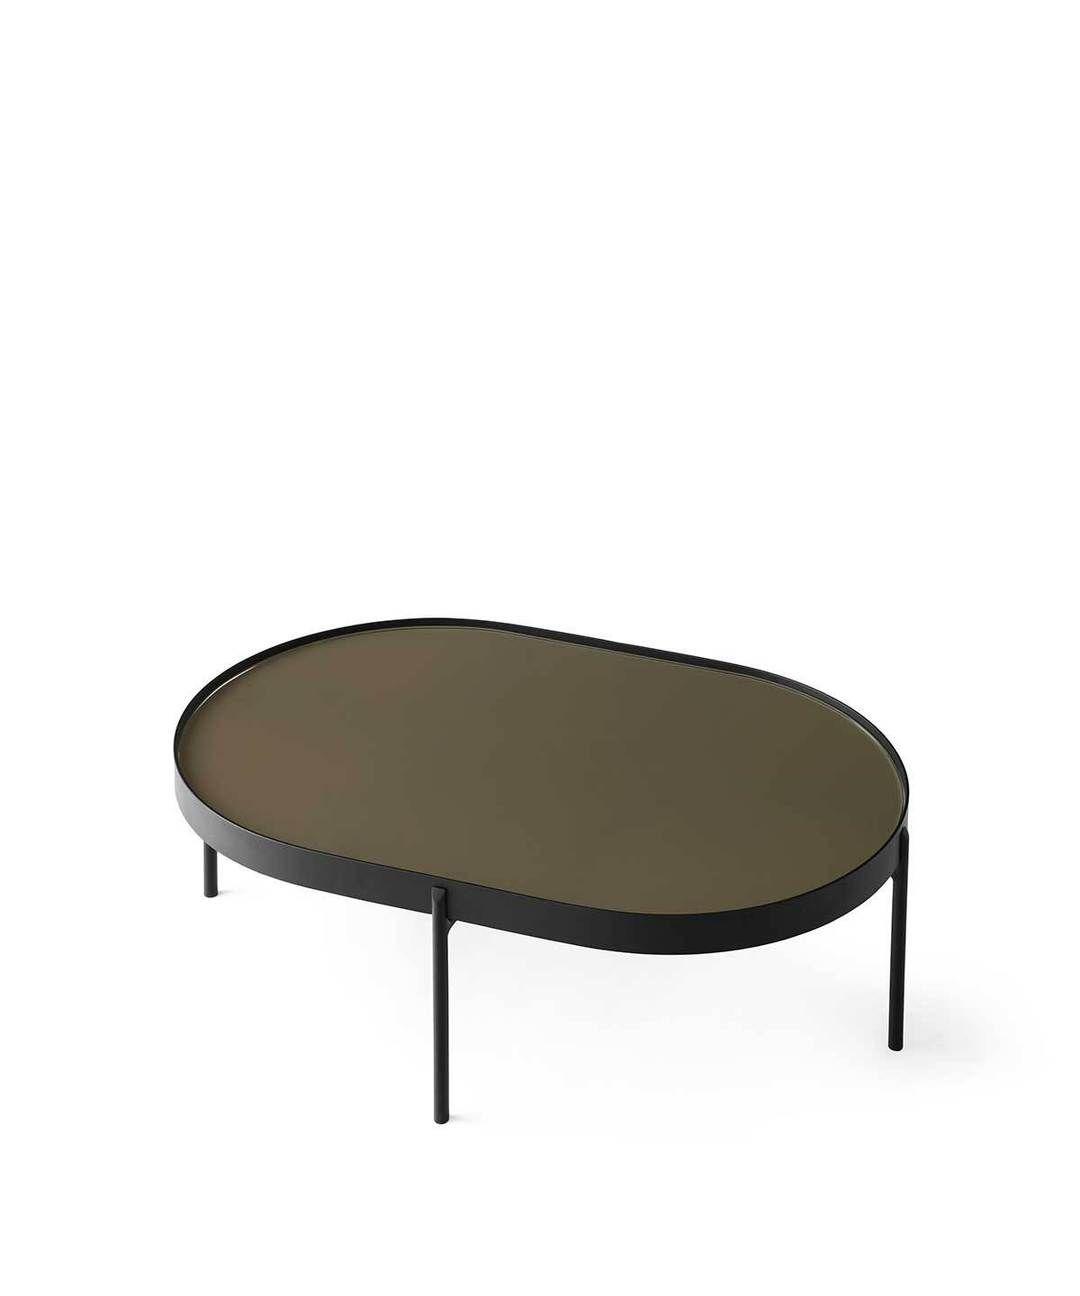 Pin On Coffee Table [ 1296 x 1080 Pixel ]